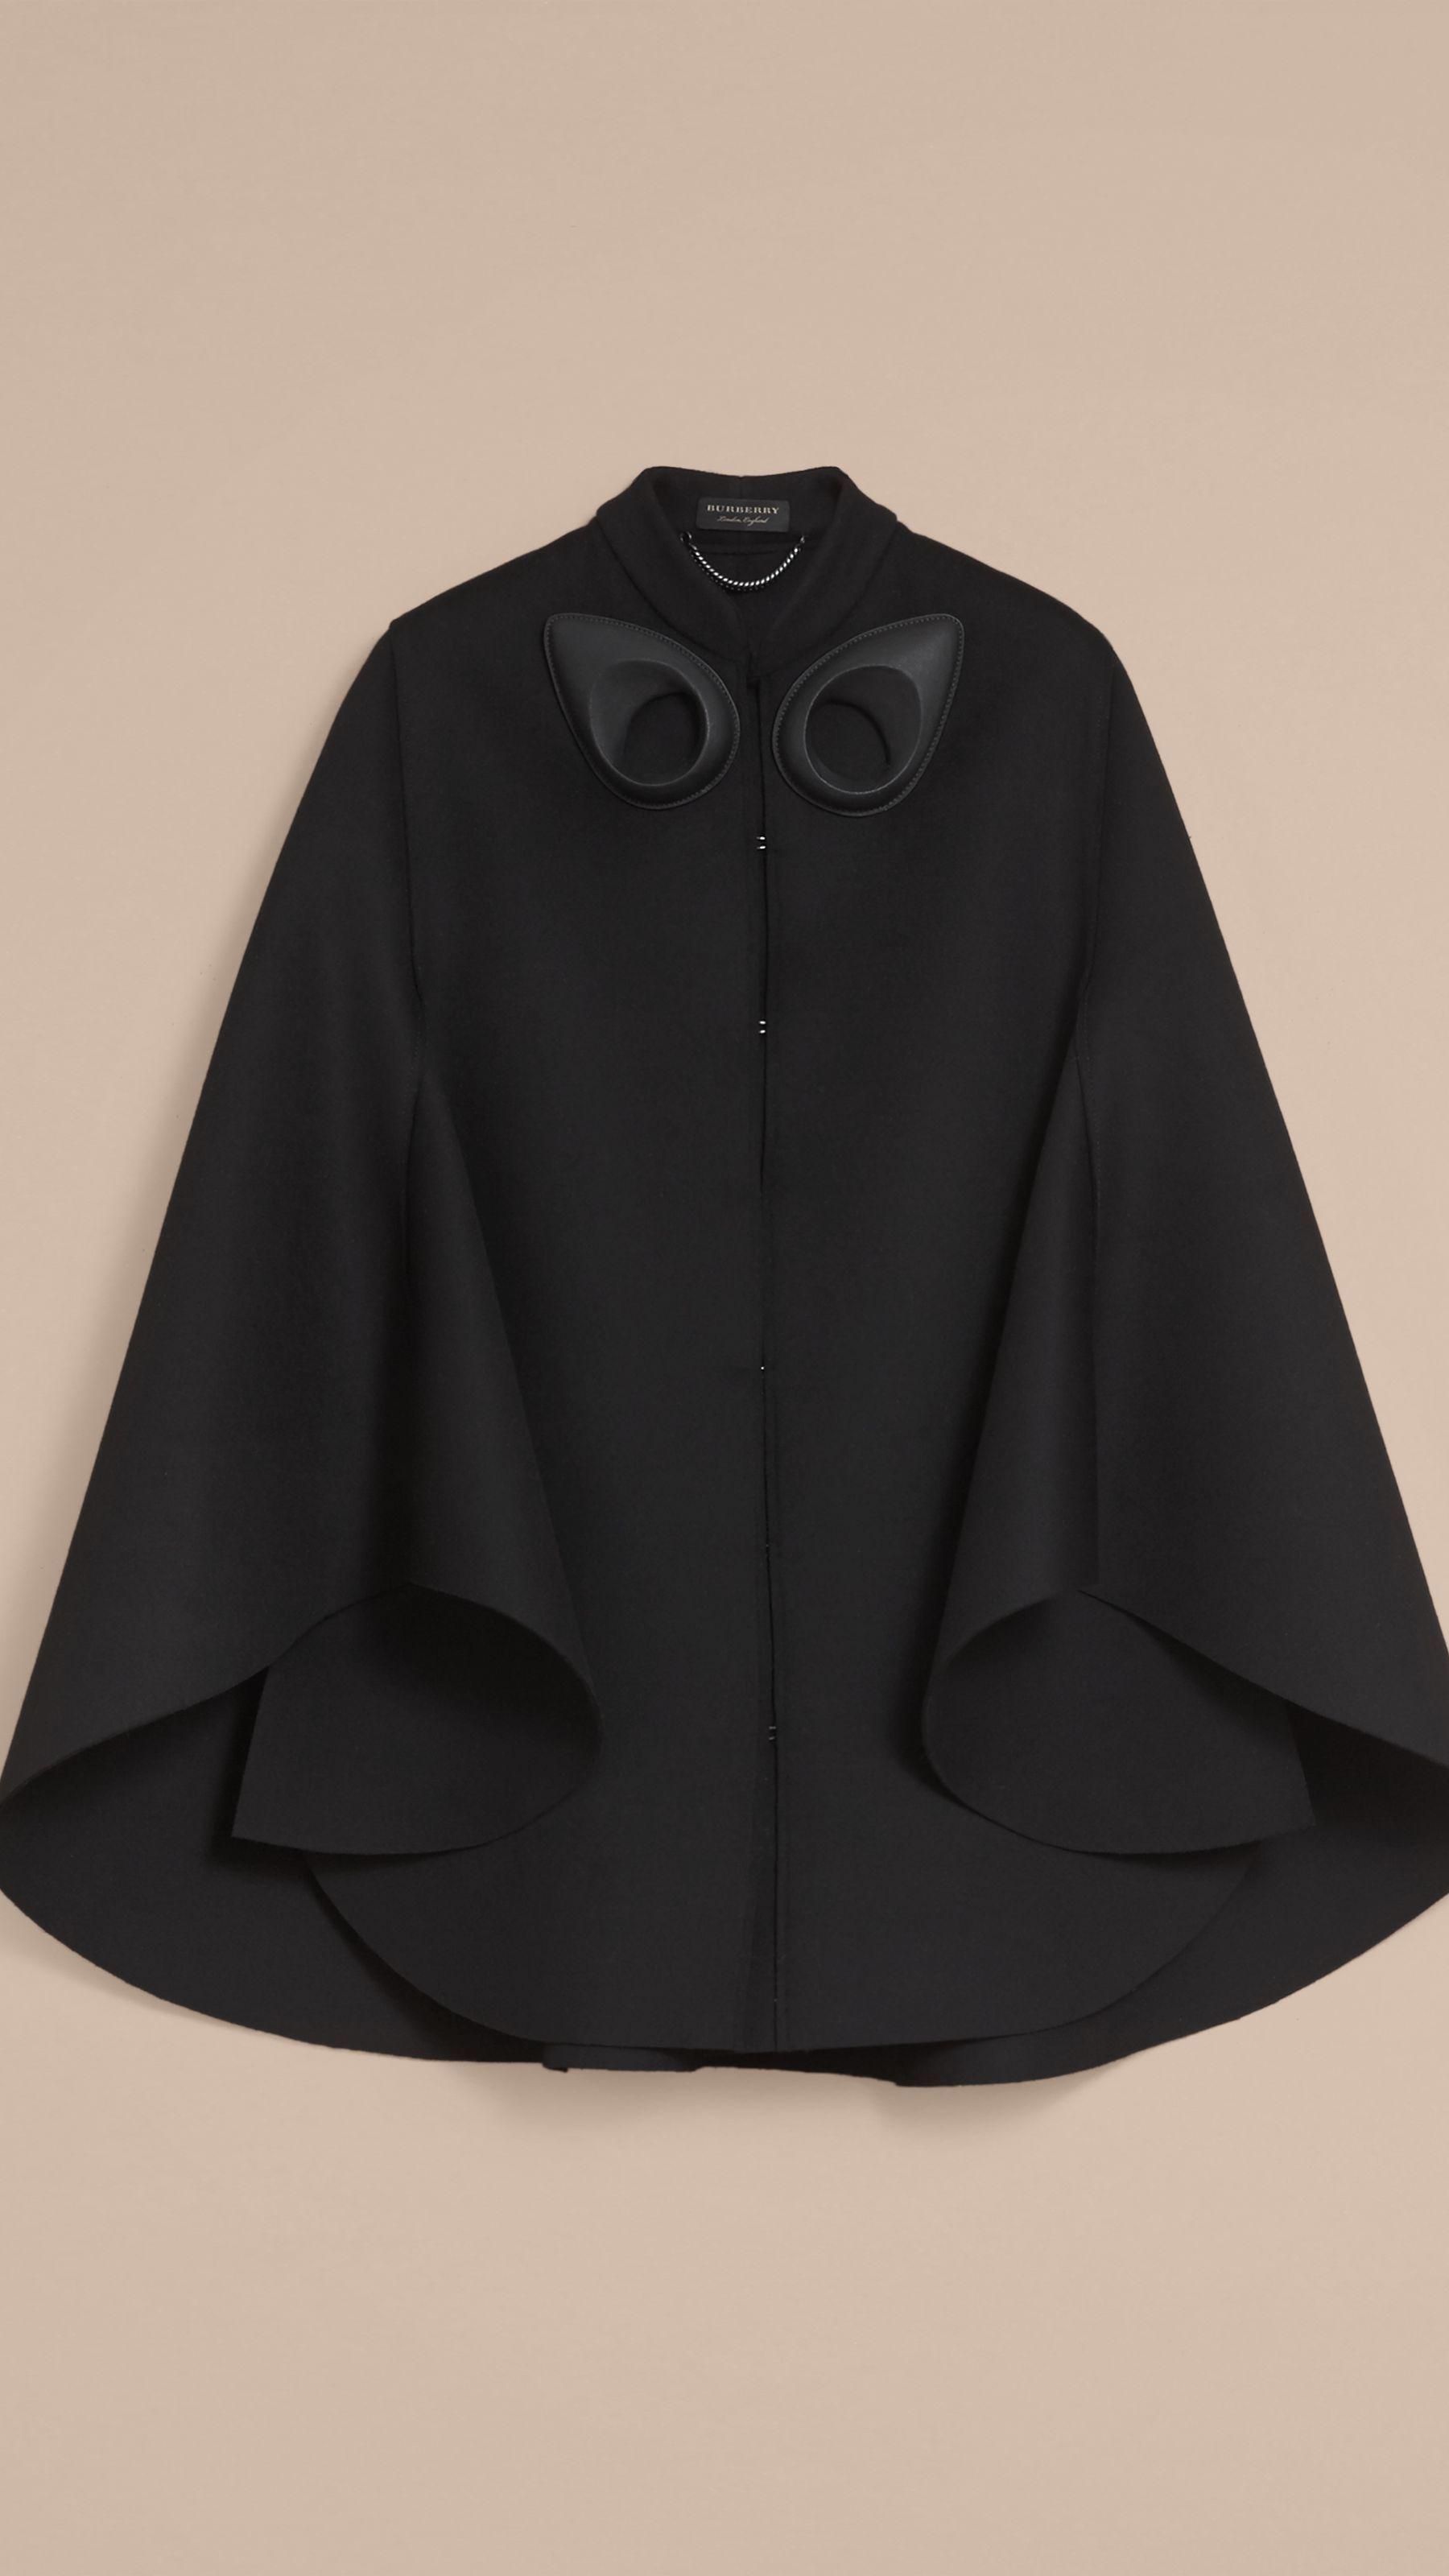 Vêtements pour femme   Burberry   Inspiration   Pinterest   Laine ... f012130dba16